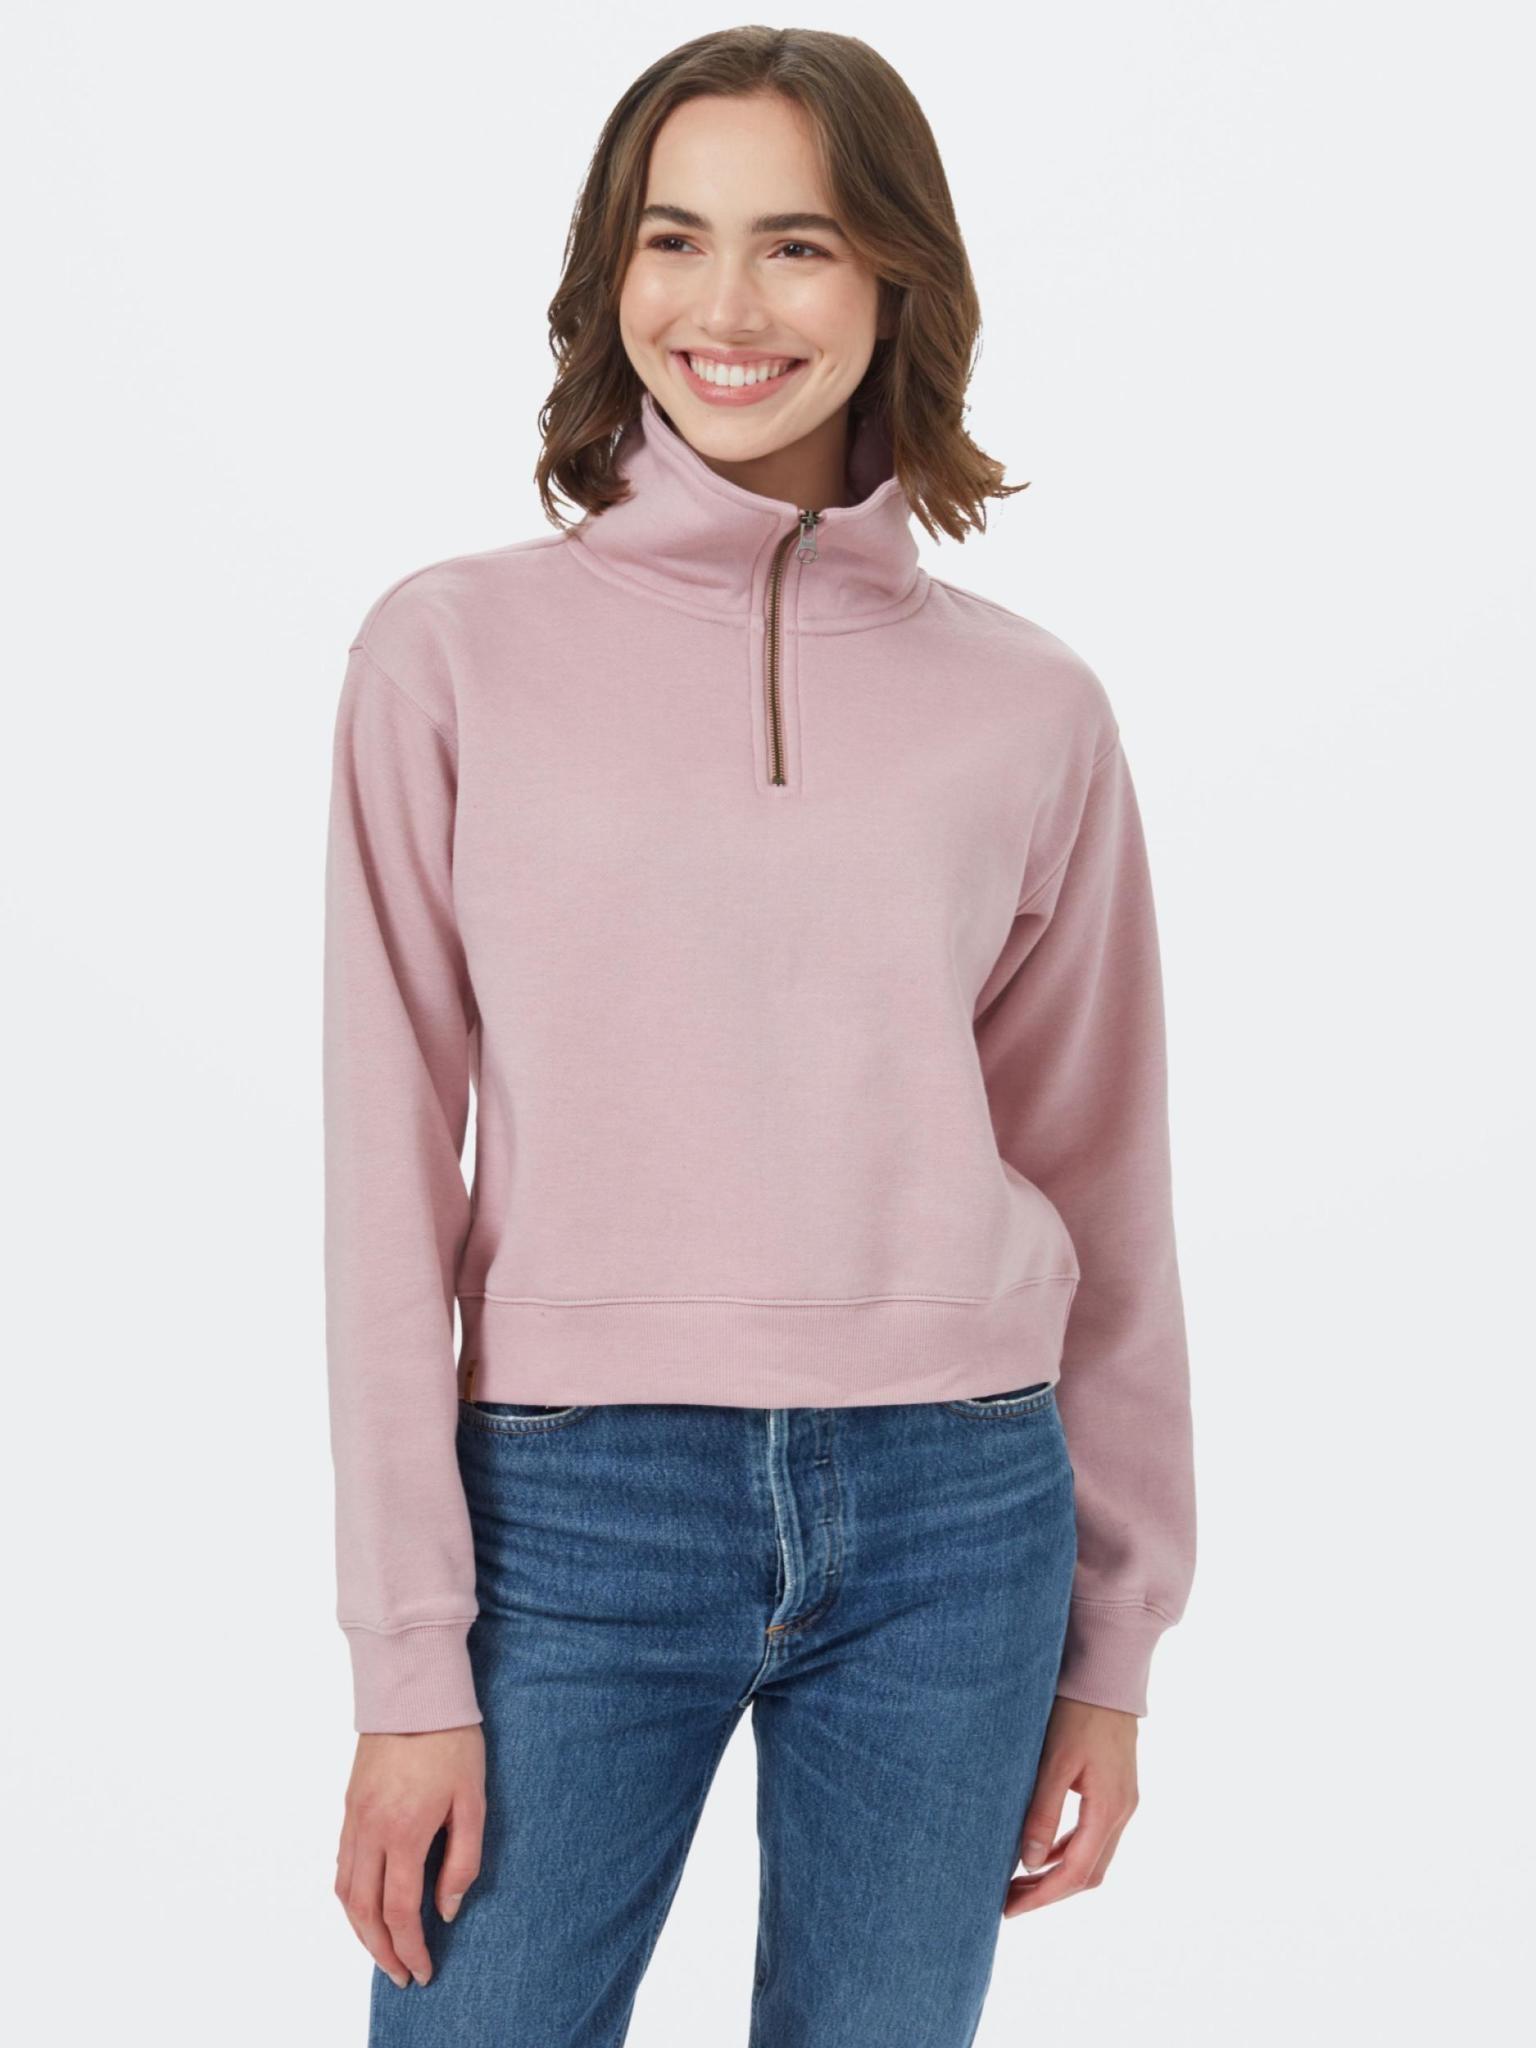 Tentree Women's 1/4 Zip Fleece